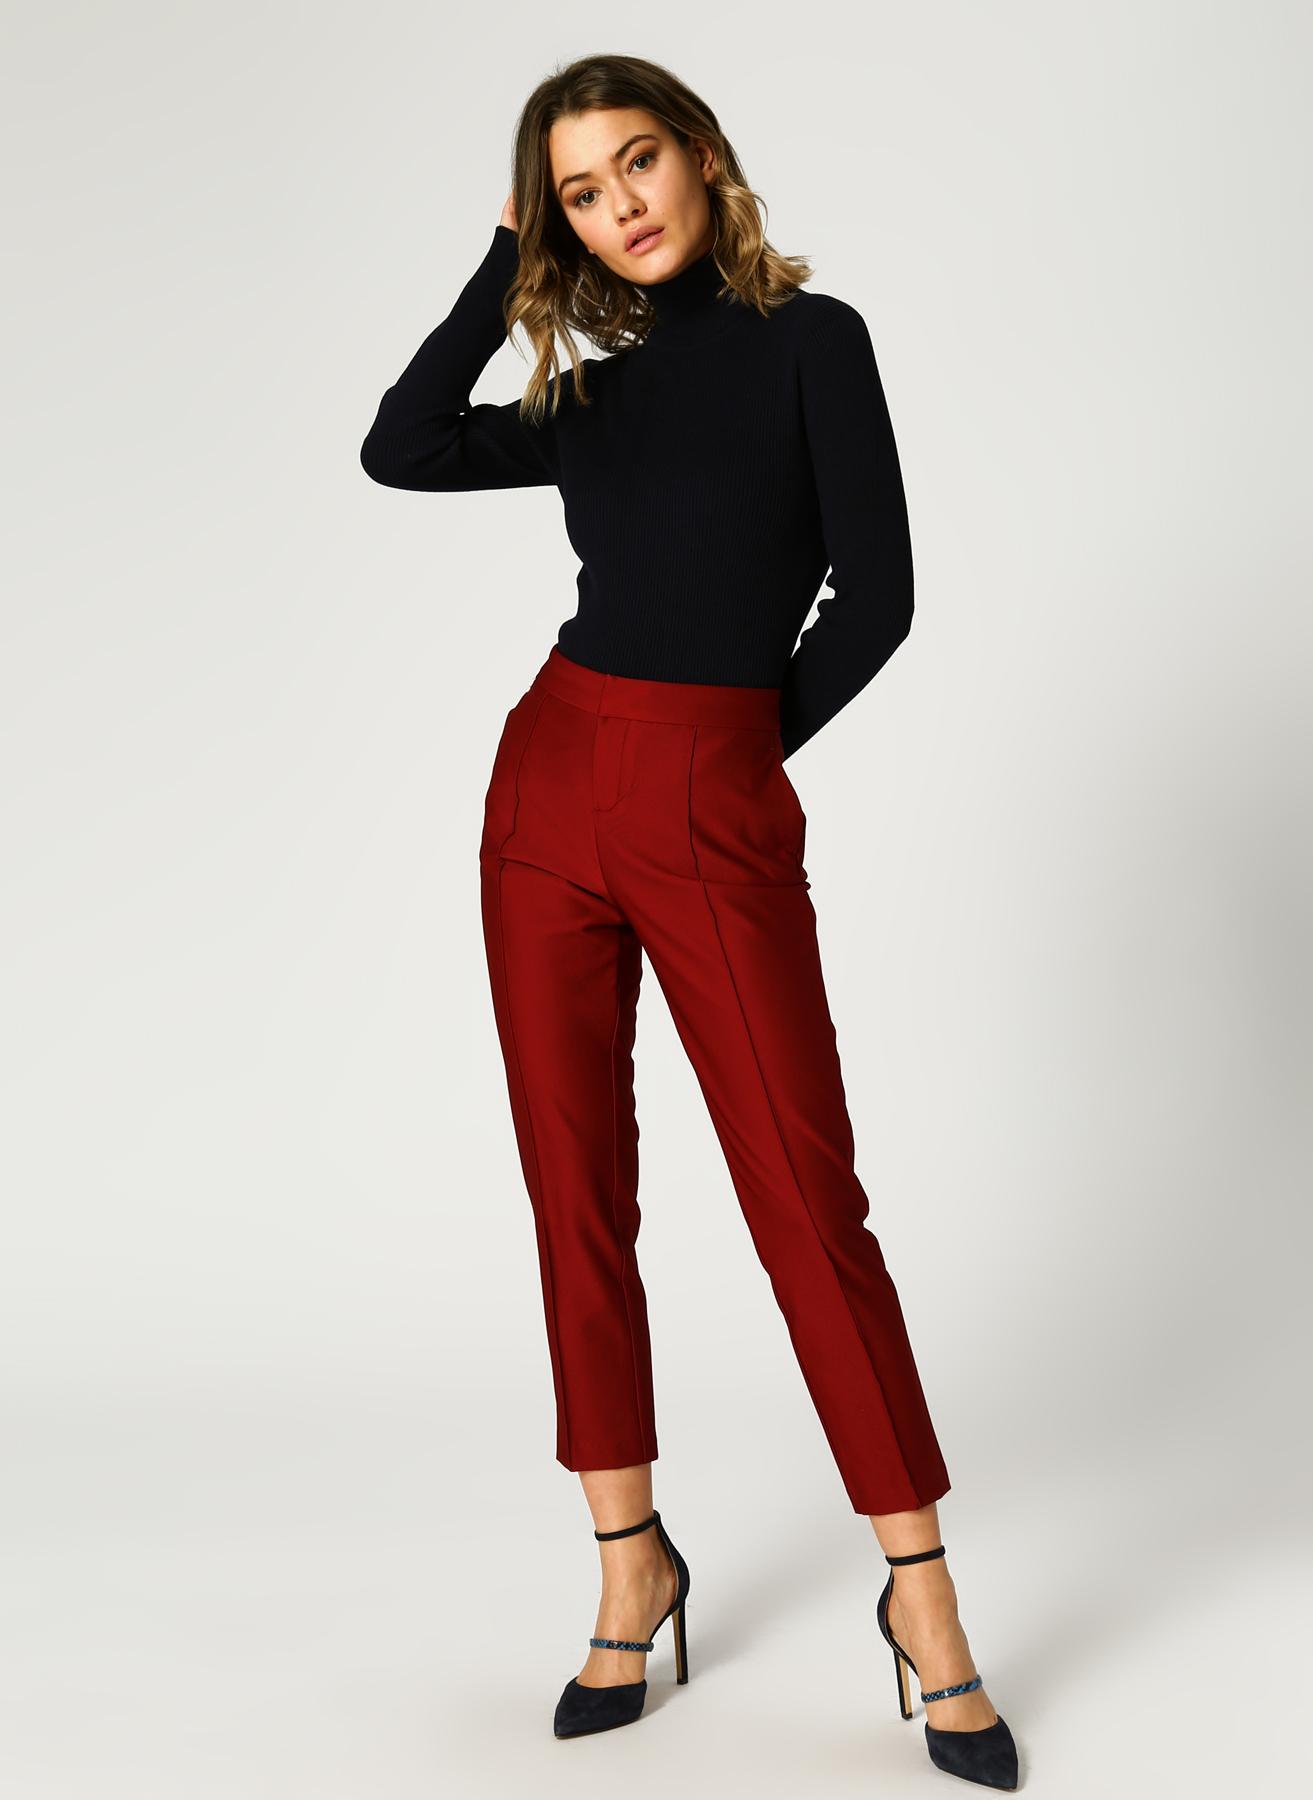 U.S. Polo Assn. Fitilli Kırmızı Pantolon 42 5001733352002 Ürün Resmi